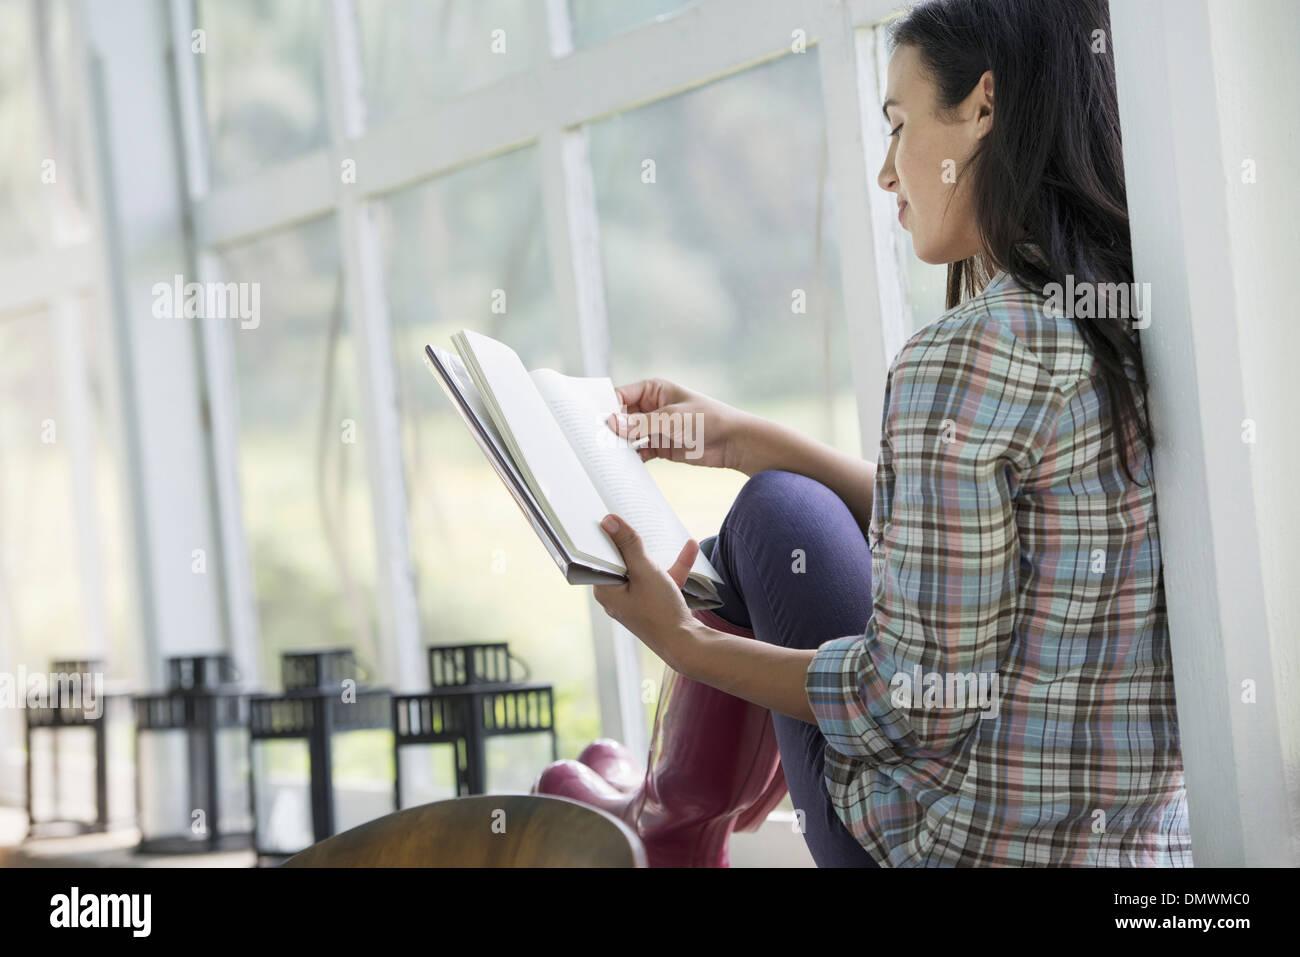 Una joven mujer sentada leyendo un libro. Imagen De Stock